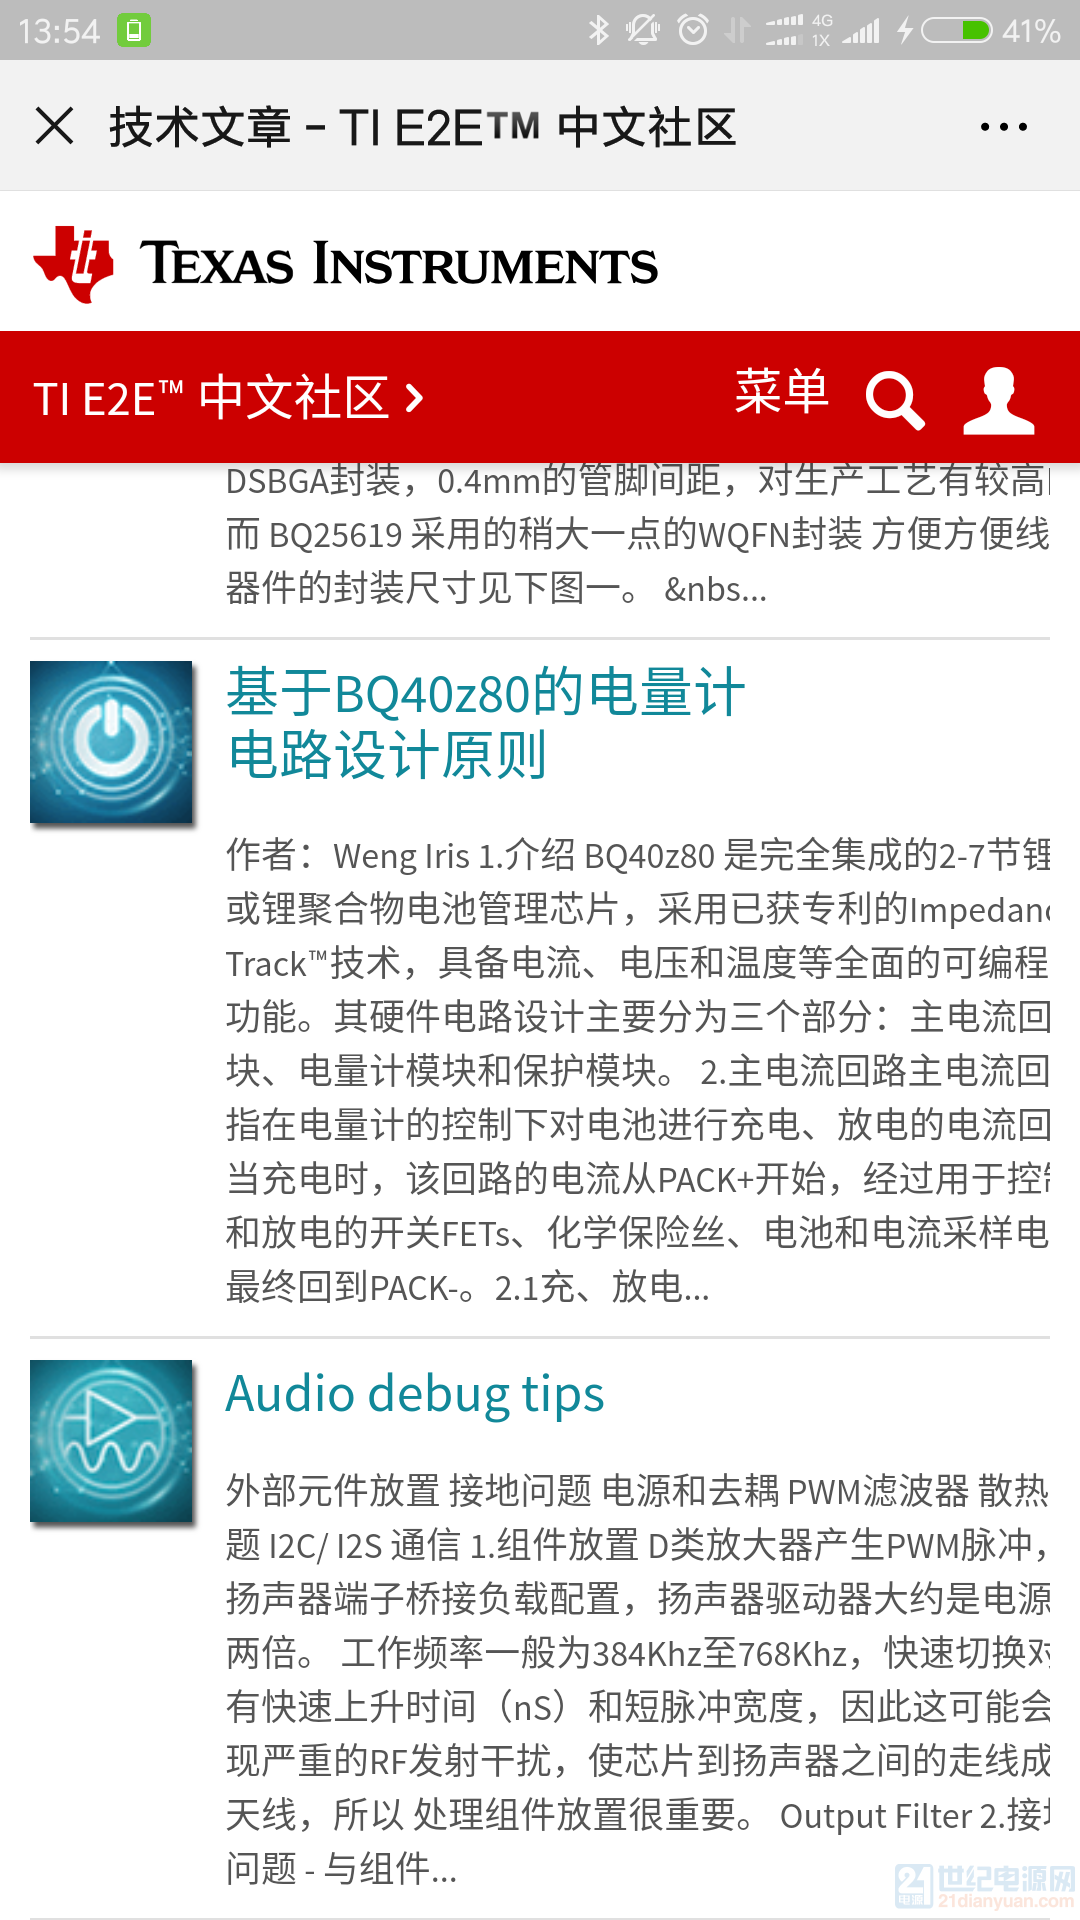 Screenshot_2019-11-01-13-54-52-305_com.tencent.mm.png